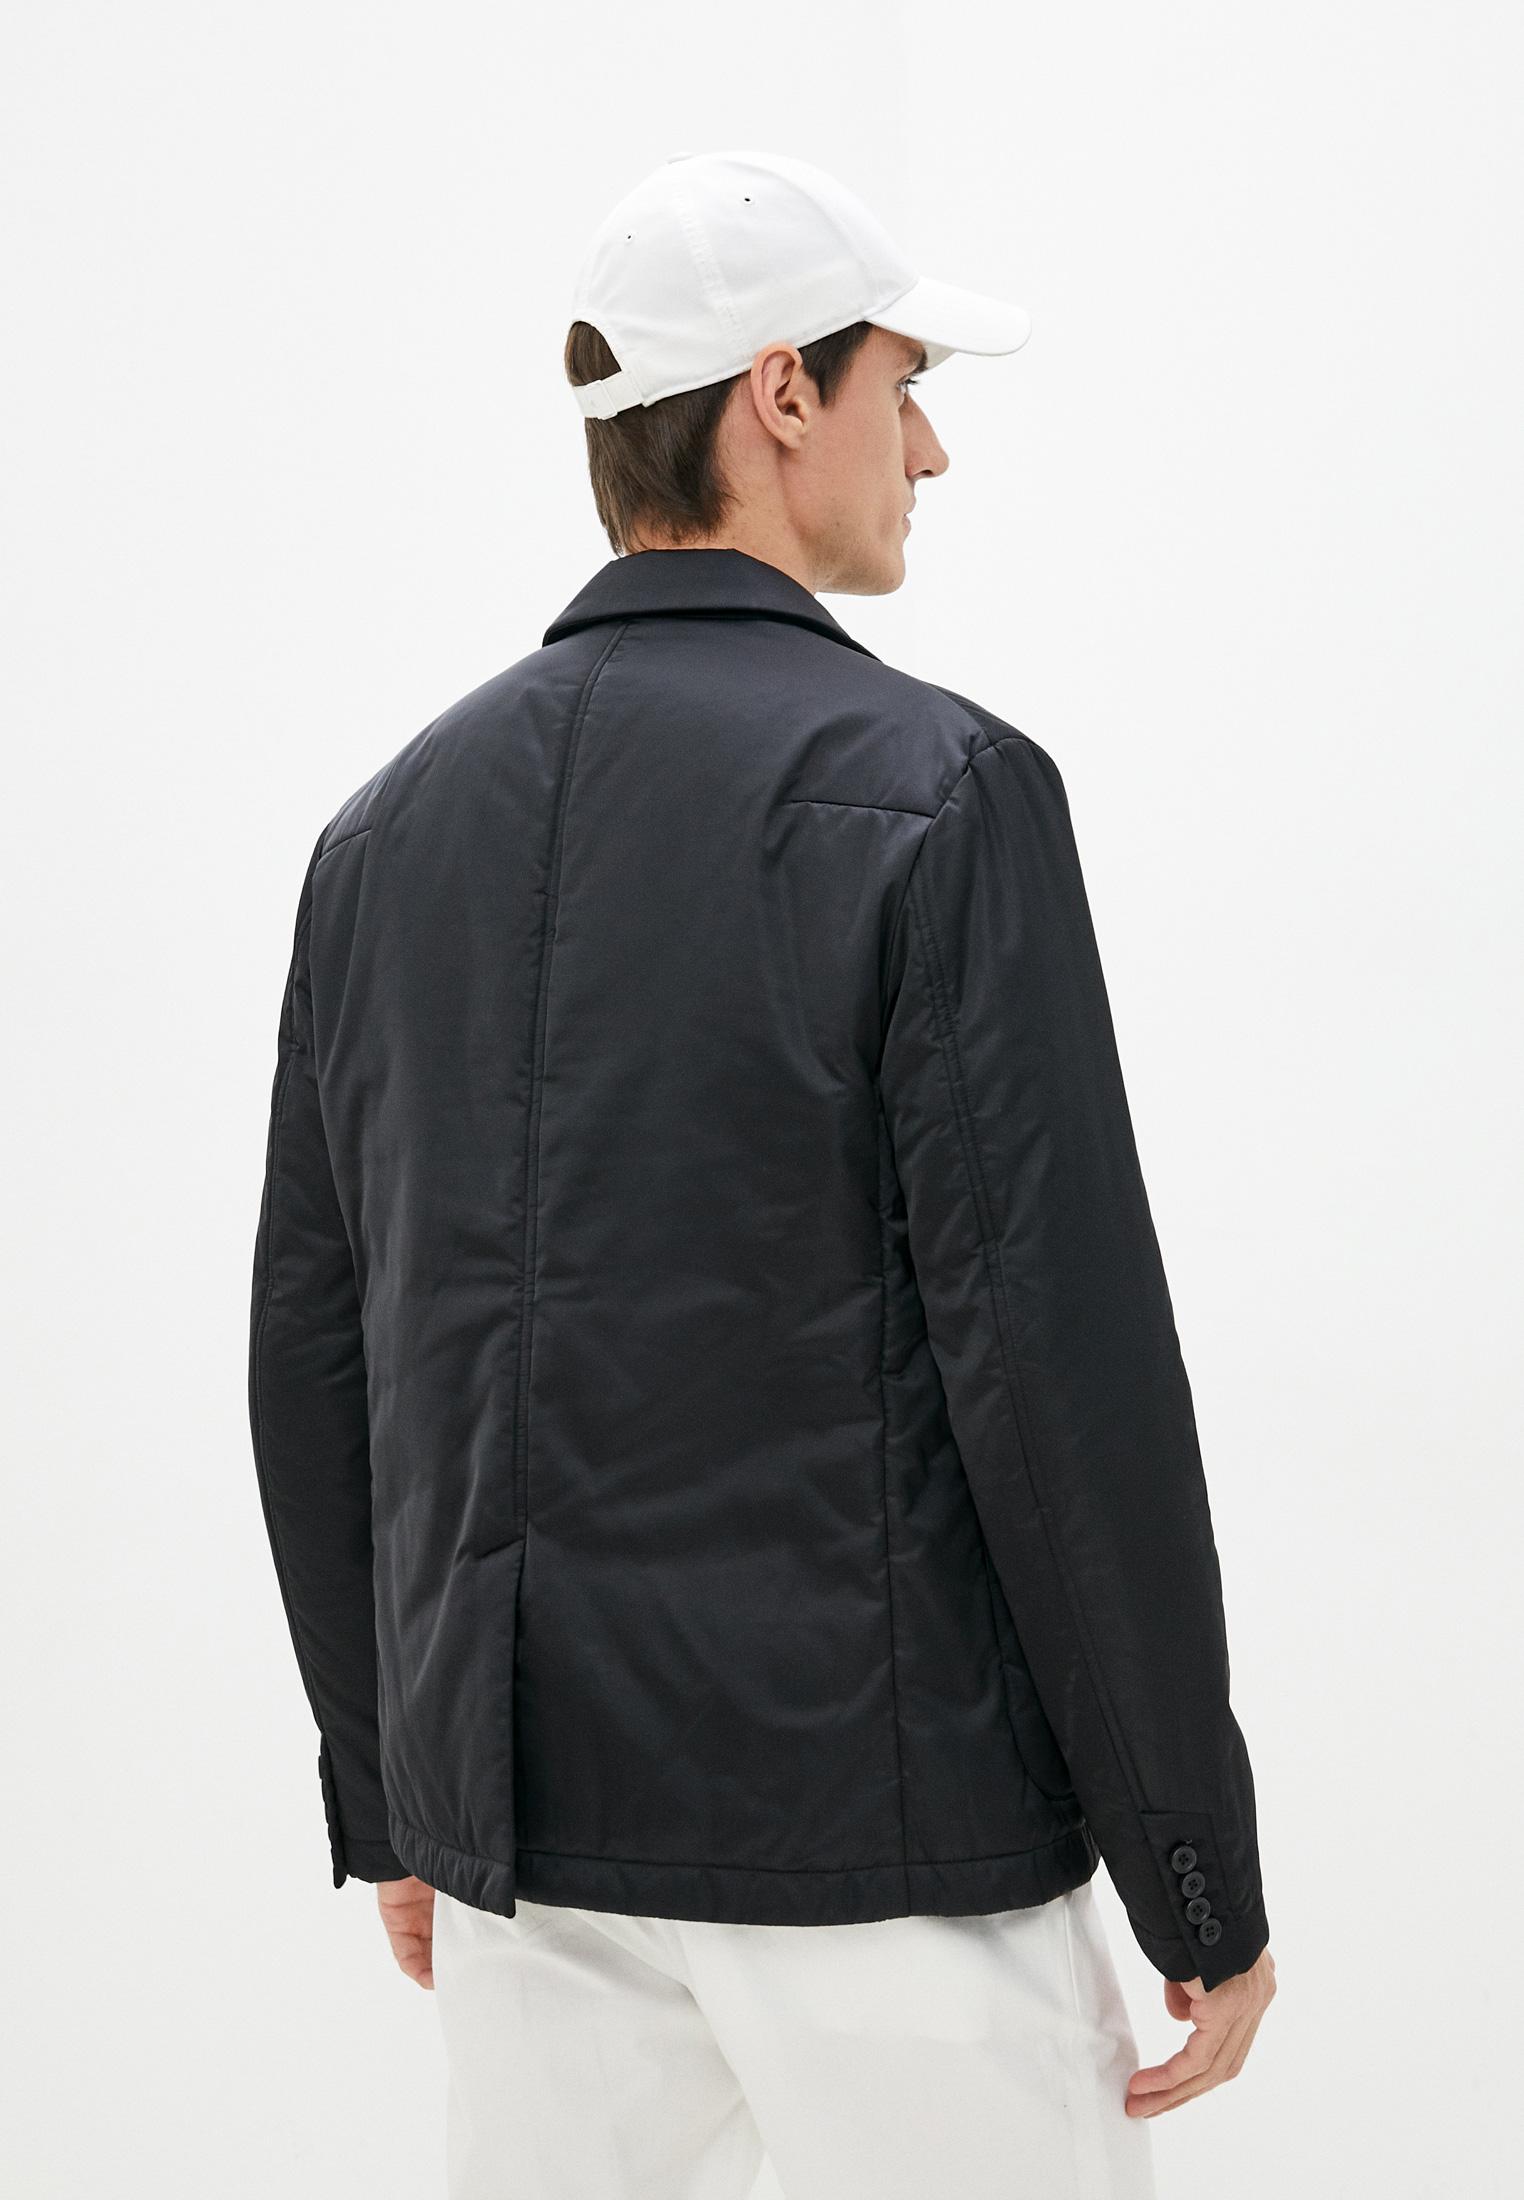 Мужская куртка Bikkembergs (Биккембергс) C I 034 00 T 014A: изображение 4